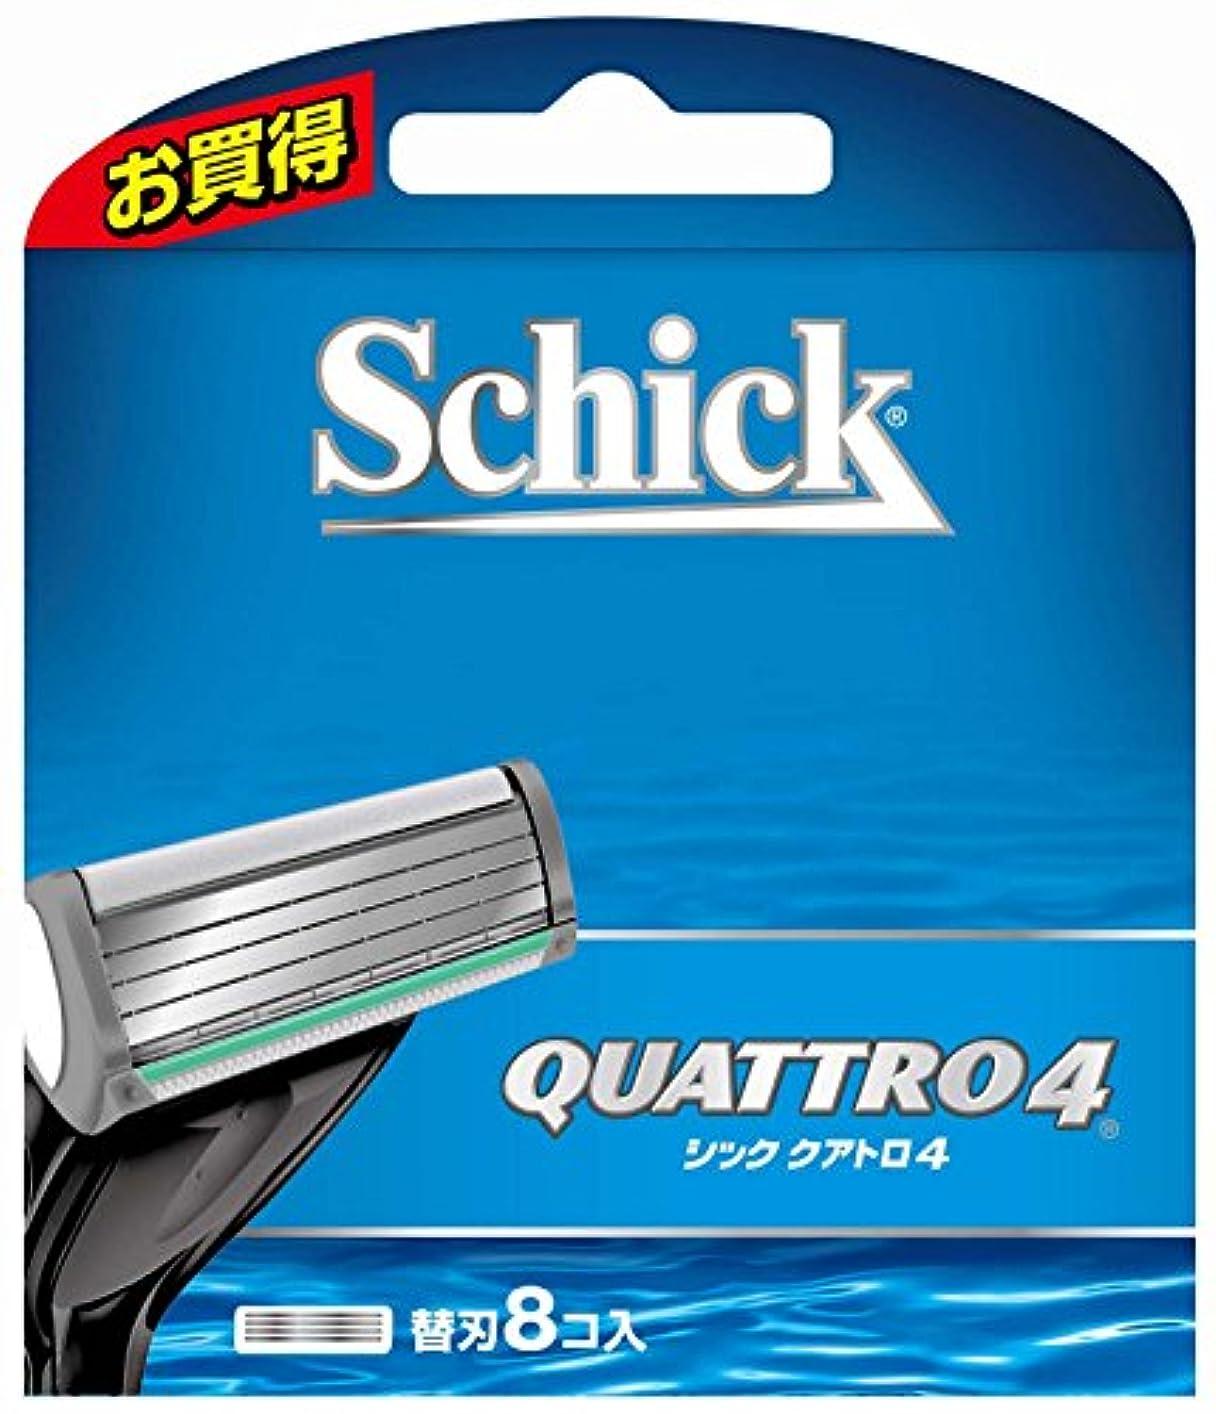 くさび状哲学博士シック Schick クアトロ4 4枚刃 替刃 (8コ入)